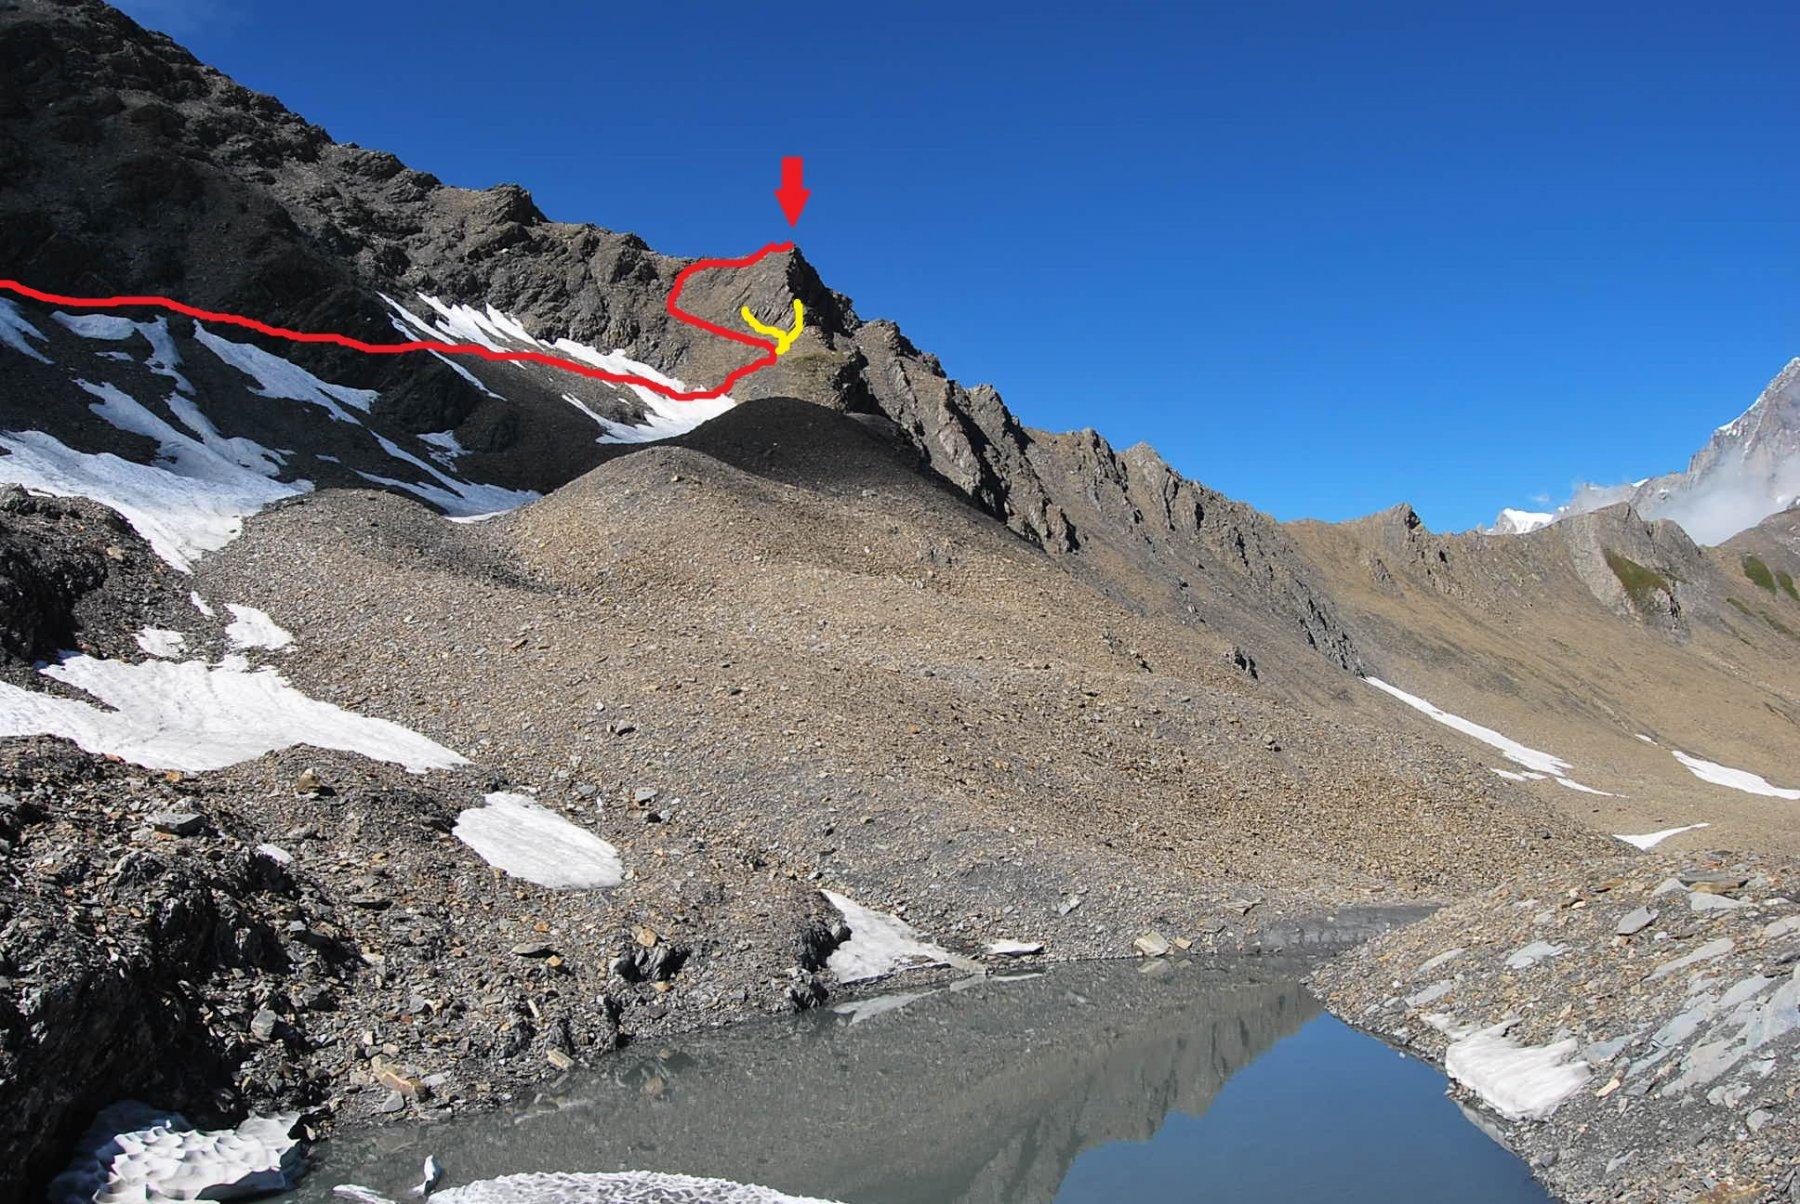 Via di salita dal Lac de la Belle Combe, che attraversa il canalone; in giallo i due tentativi falliti a ridosso delle roccette, troppo friabili. La salita non è iniziata dal lago ma arriva da un precedente tentativo di salita in cresta